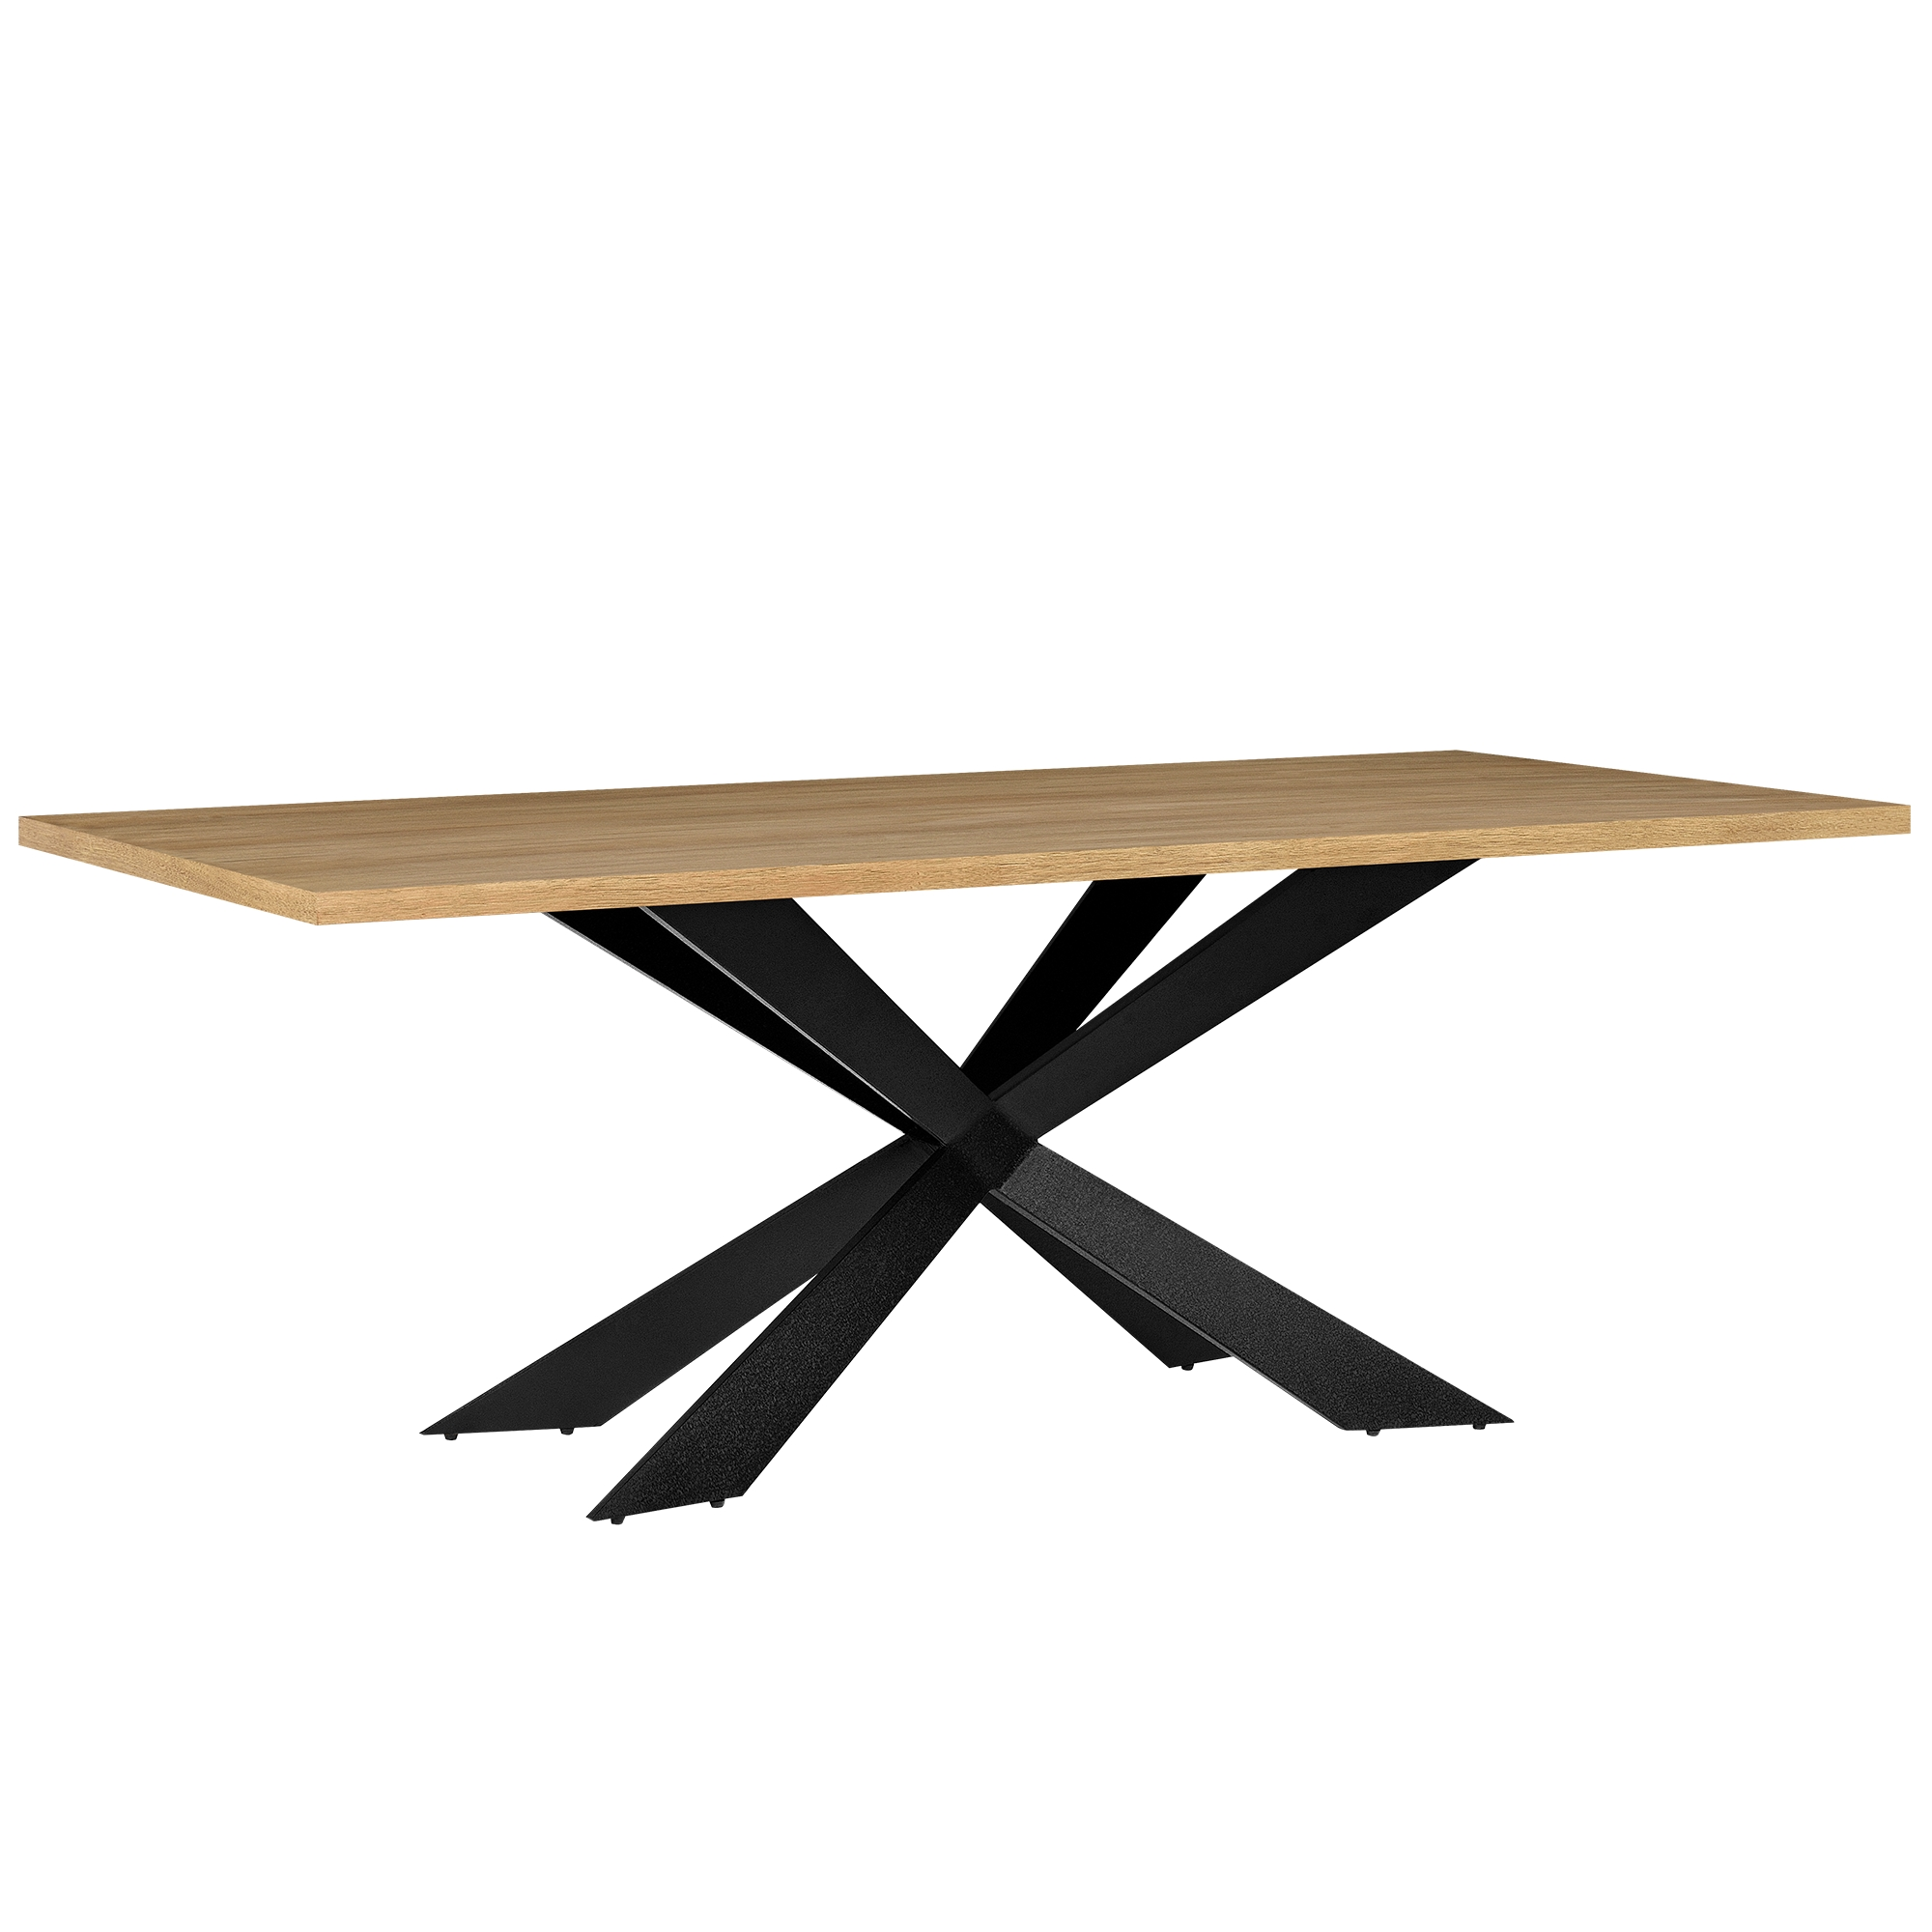 en.casa] Moderner Esstisch Tisch Esszimmer Küchentisch Retro Rund ...